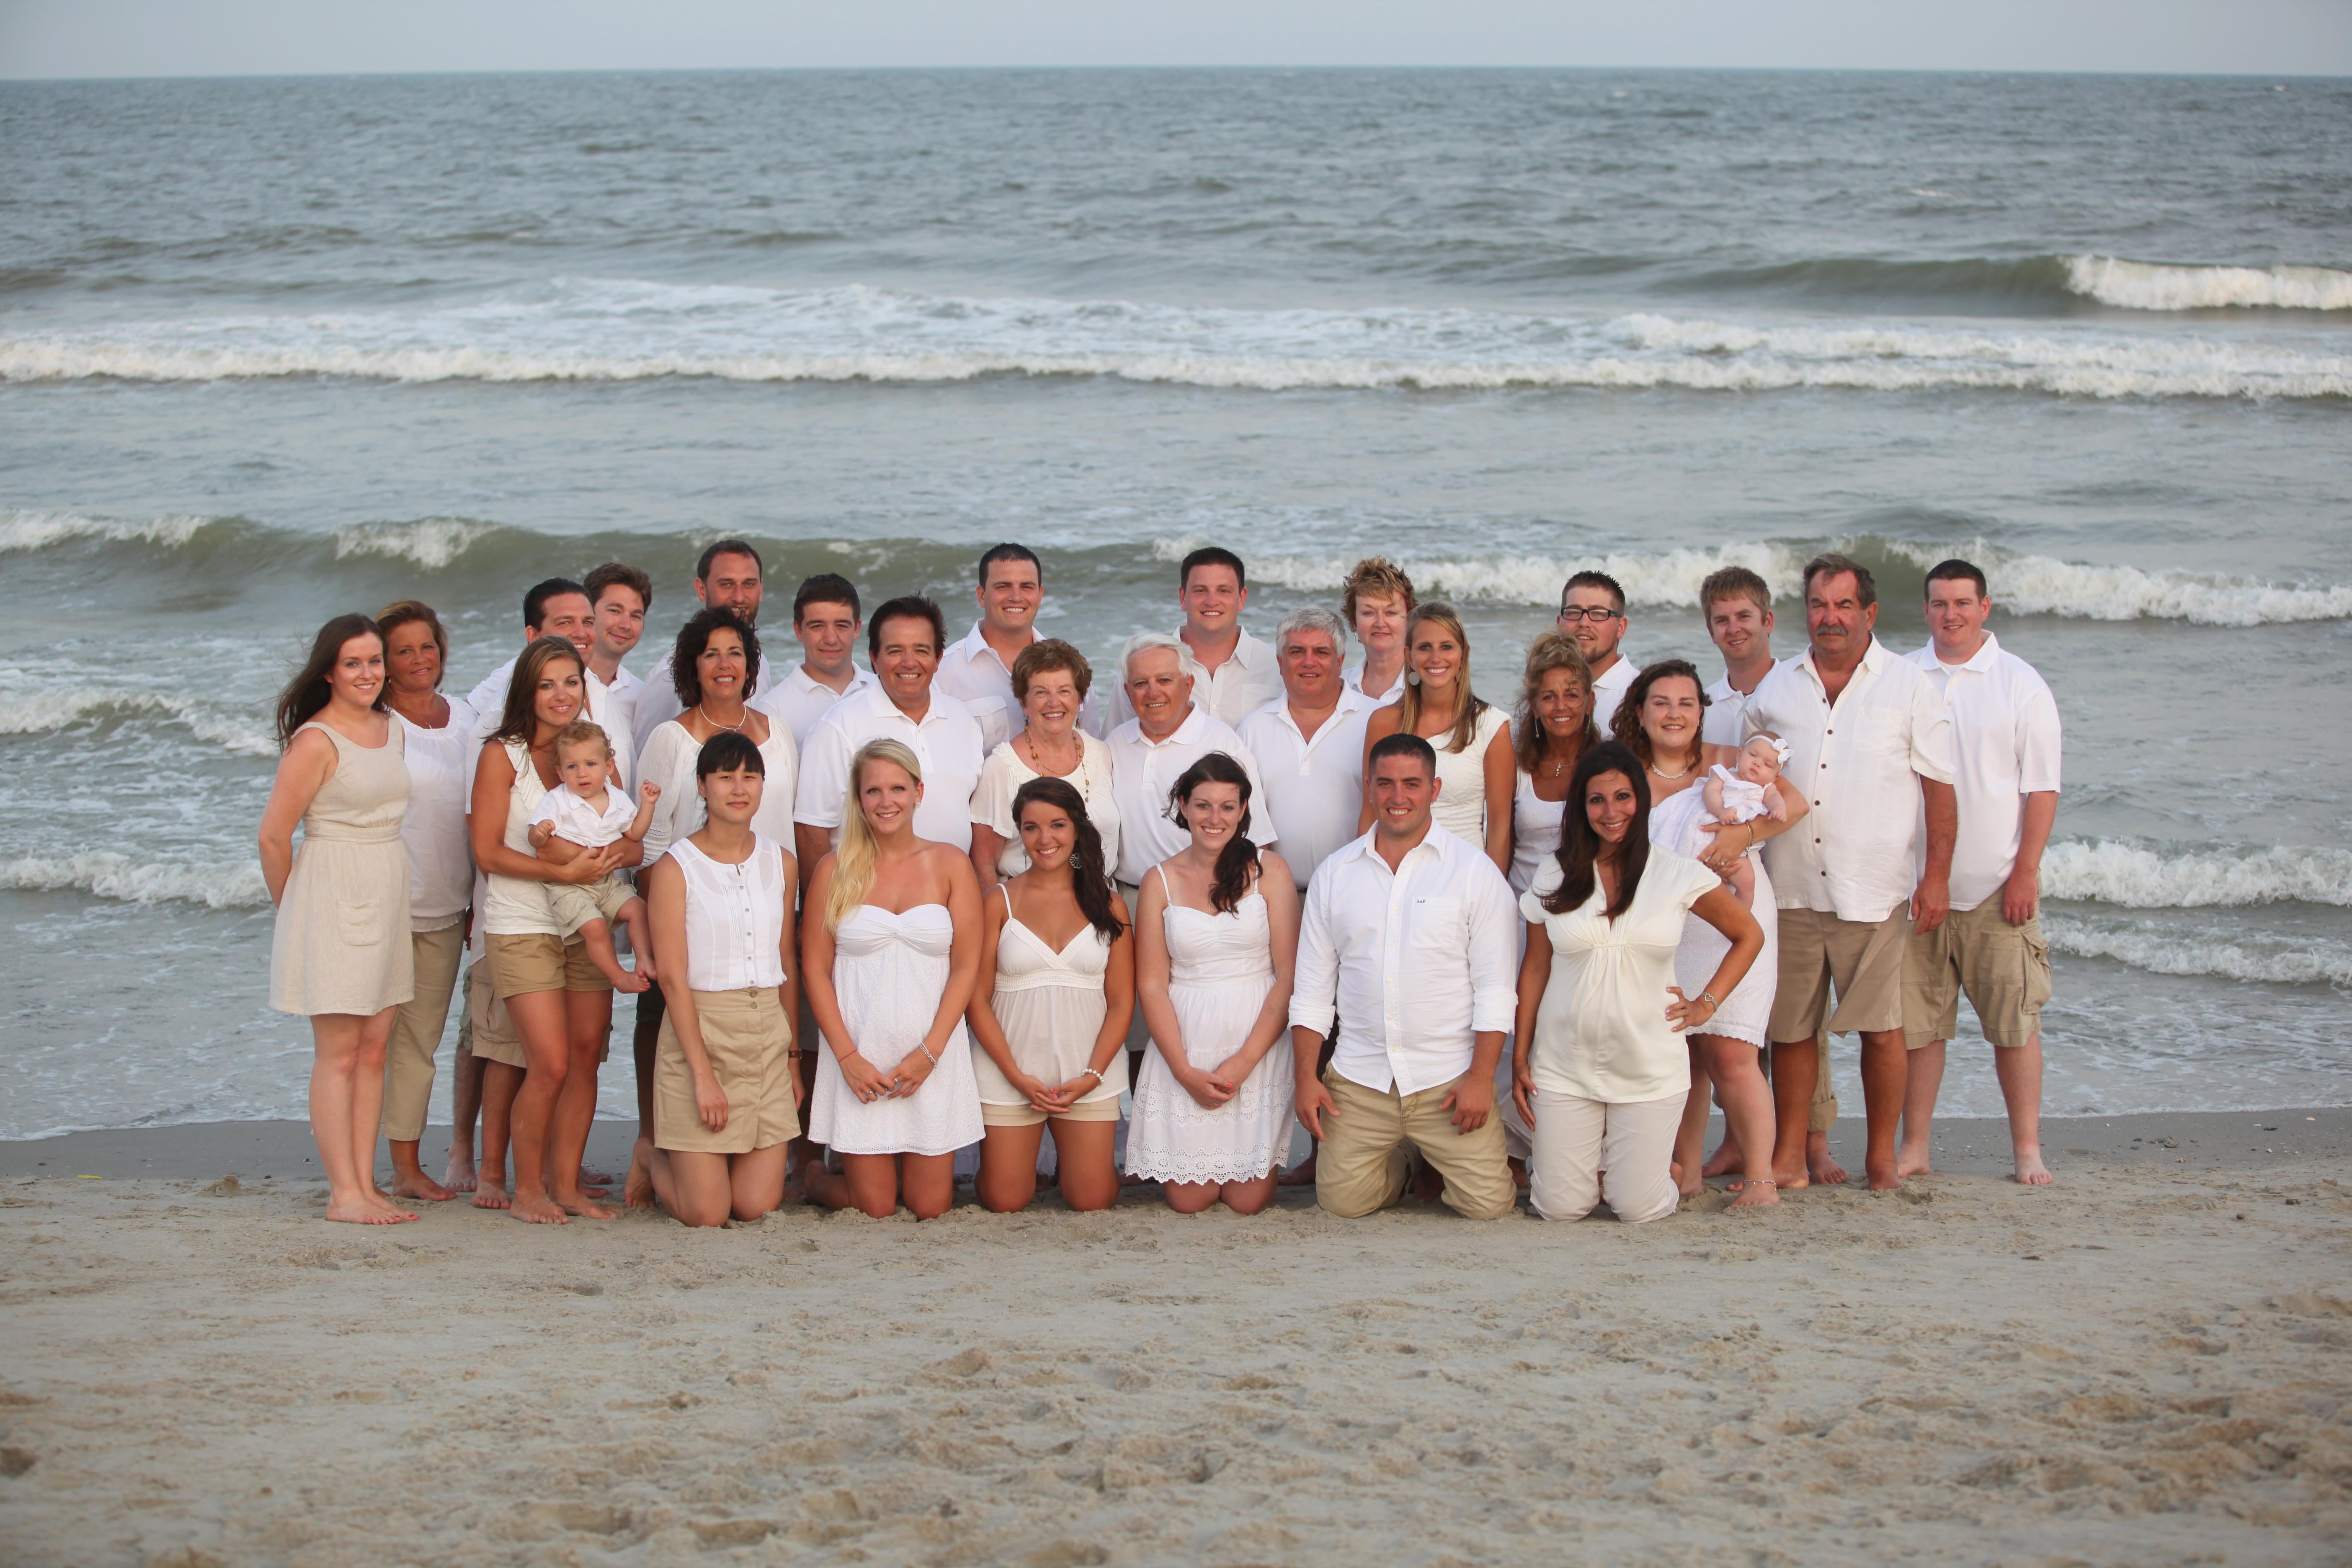 Beach Family Photos Beach Portraits Packages Myrtle Beach Photographers 777